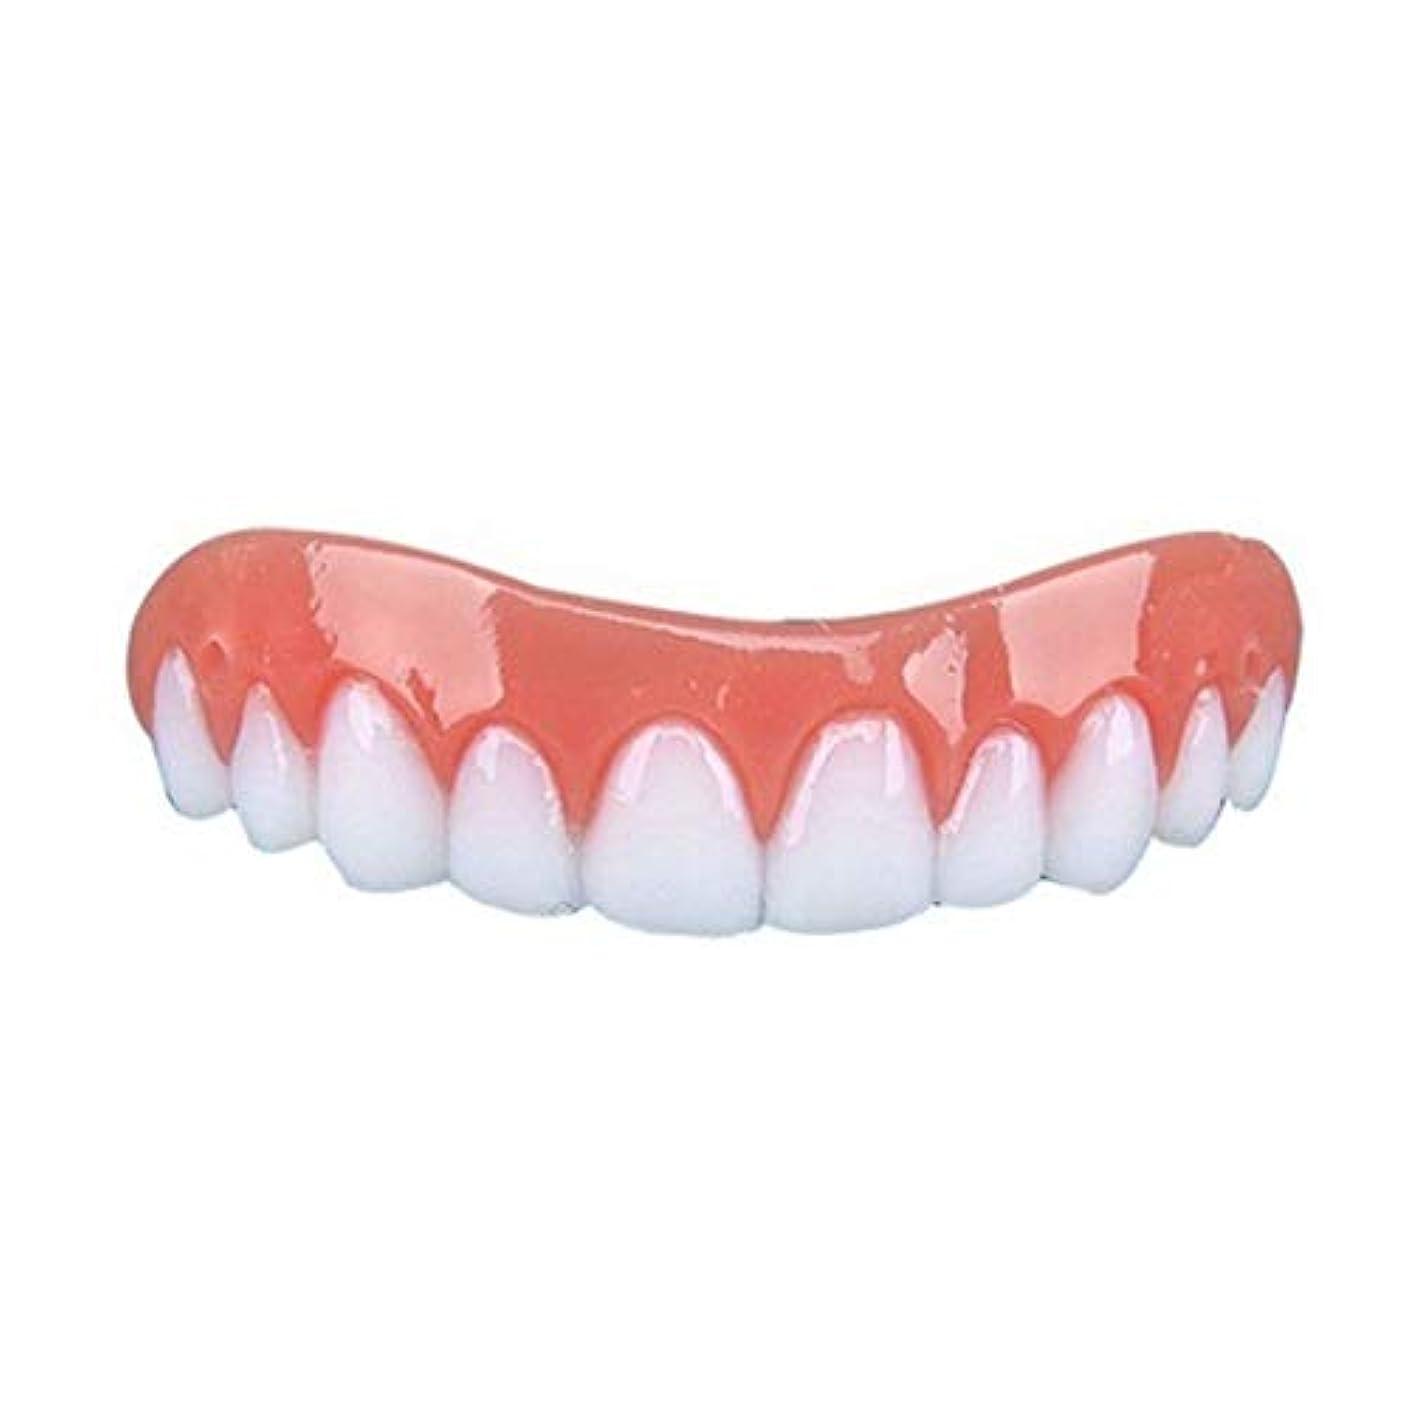 たるみズームインするコミットメントBartram 歯カバー シリコン義歯ペースト 上歯 笑顔を保つ 歯保護 美容用 入れ歯 矯正義歯